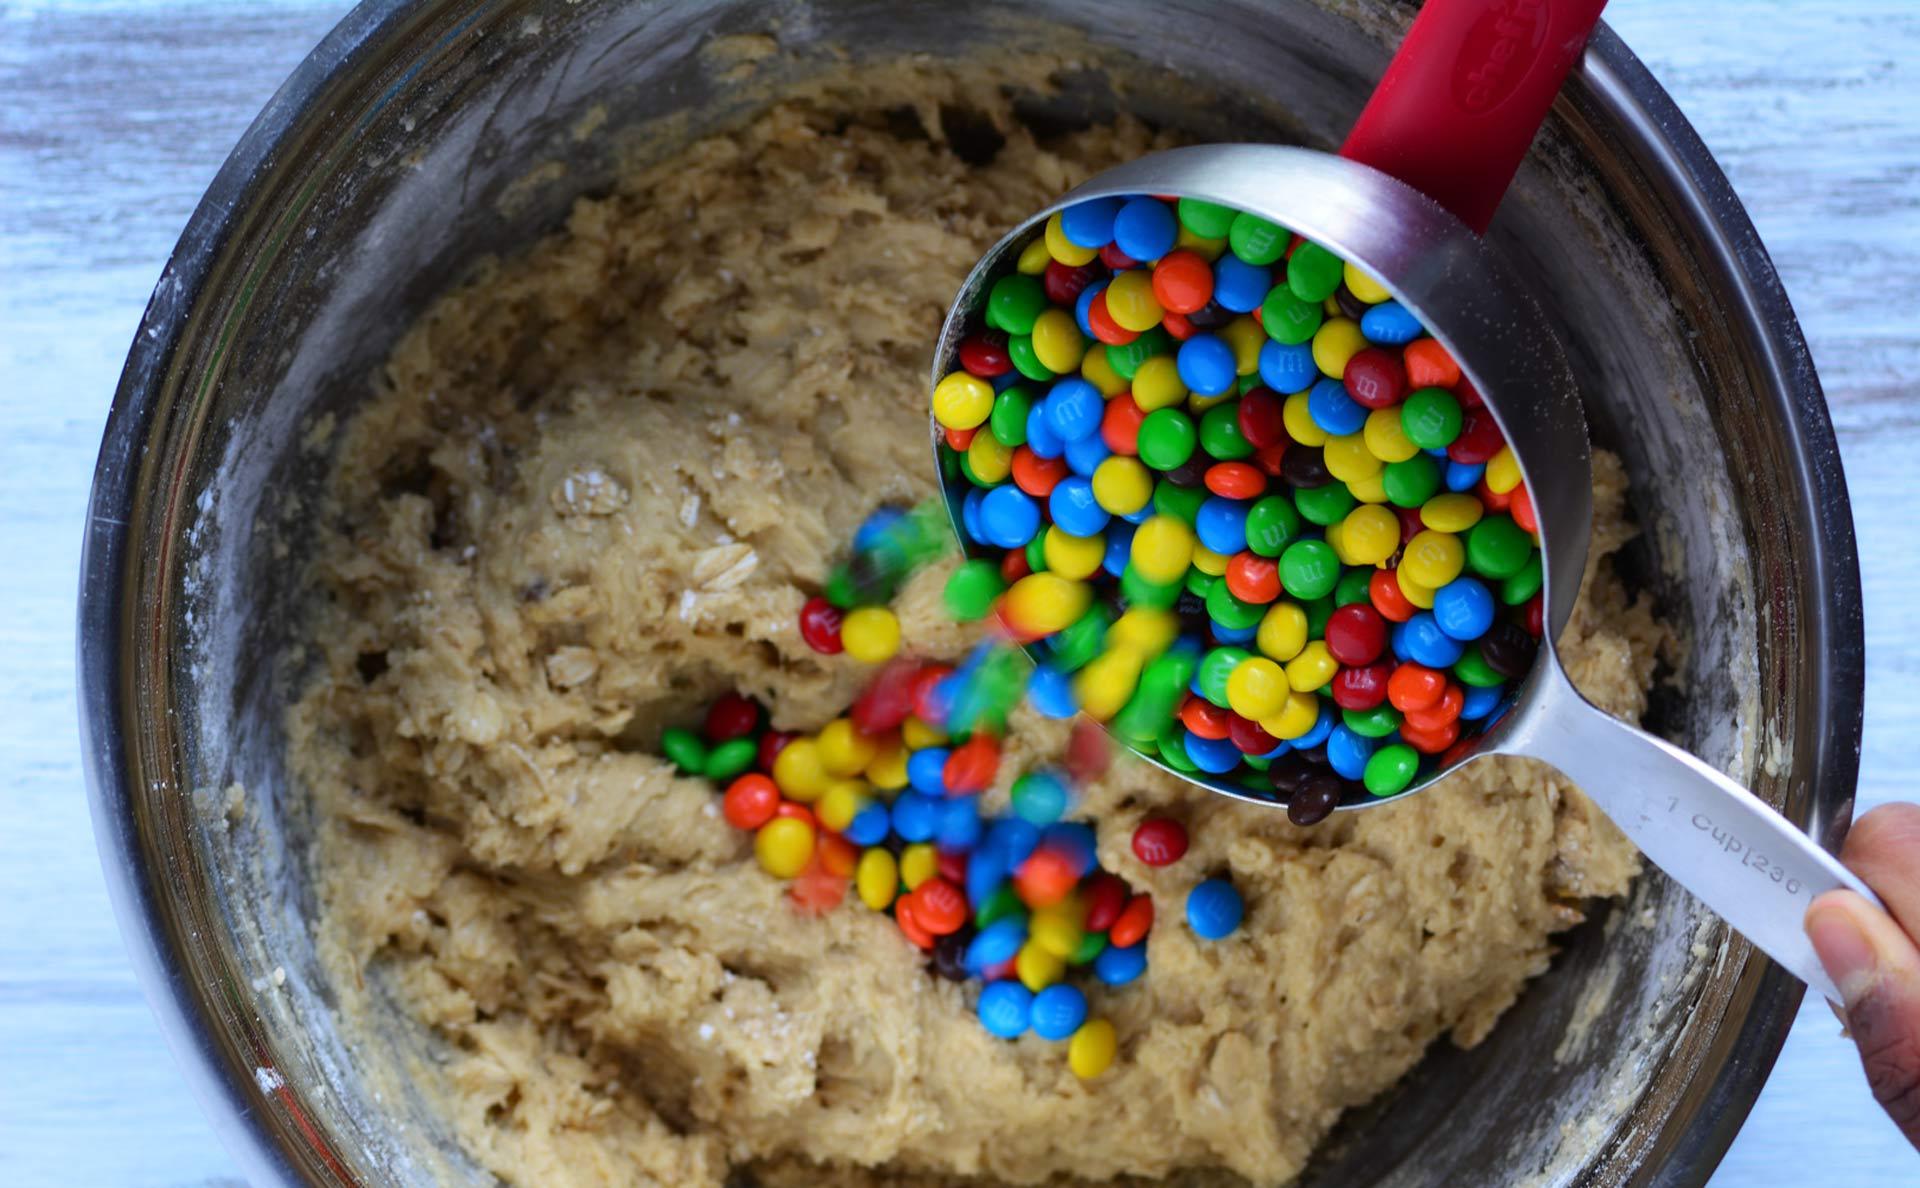 Se acerca la hora del dulce ¿Qué tal si te comes una deliciosas bolitas de chocolate rellenas de M&M's, que son muy fáciles de preparar?